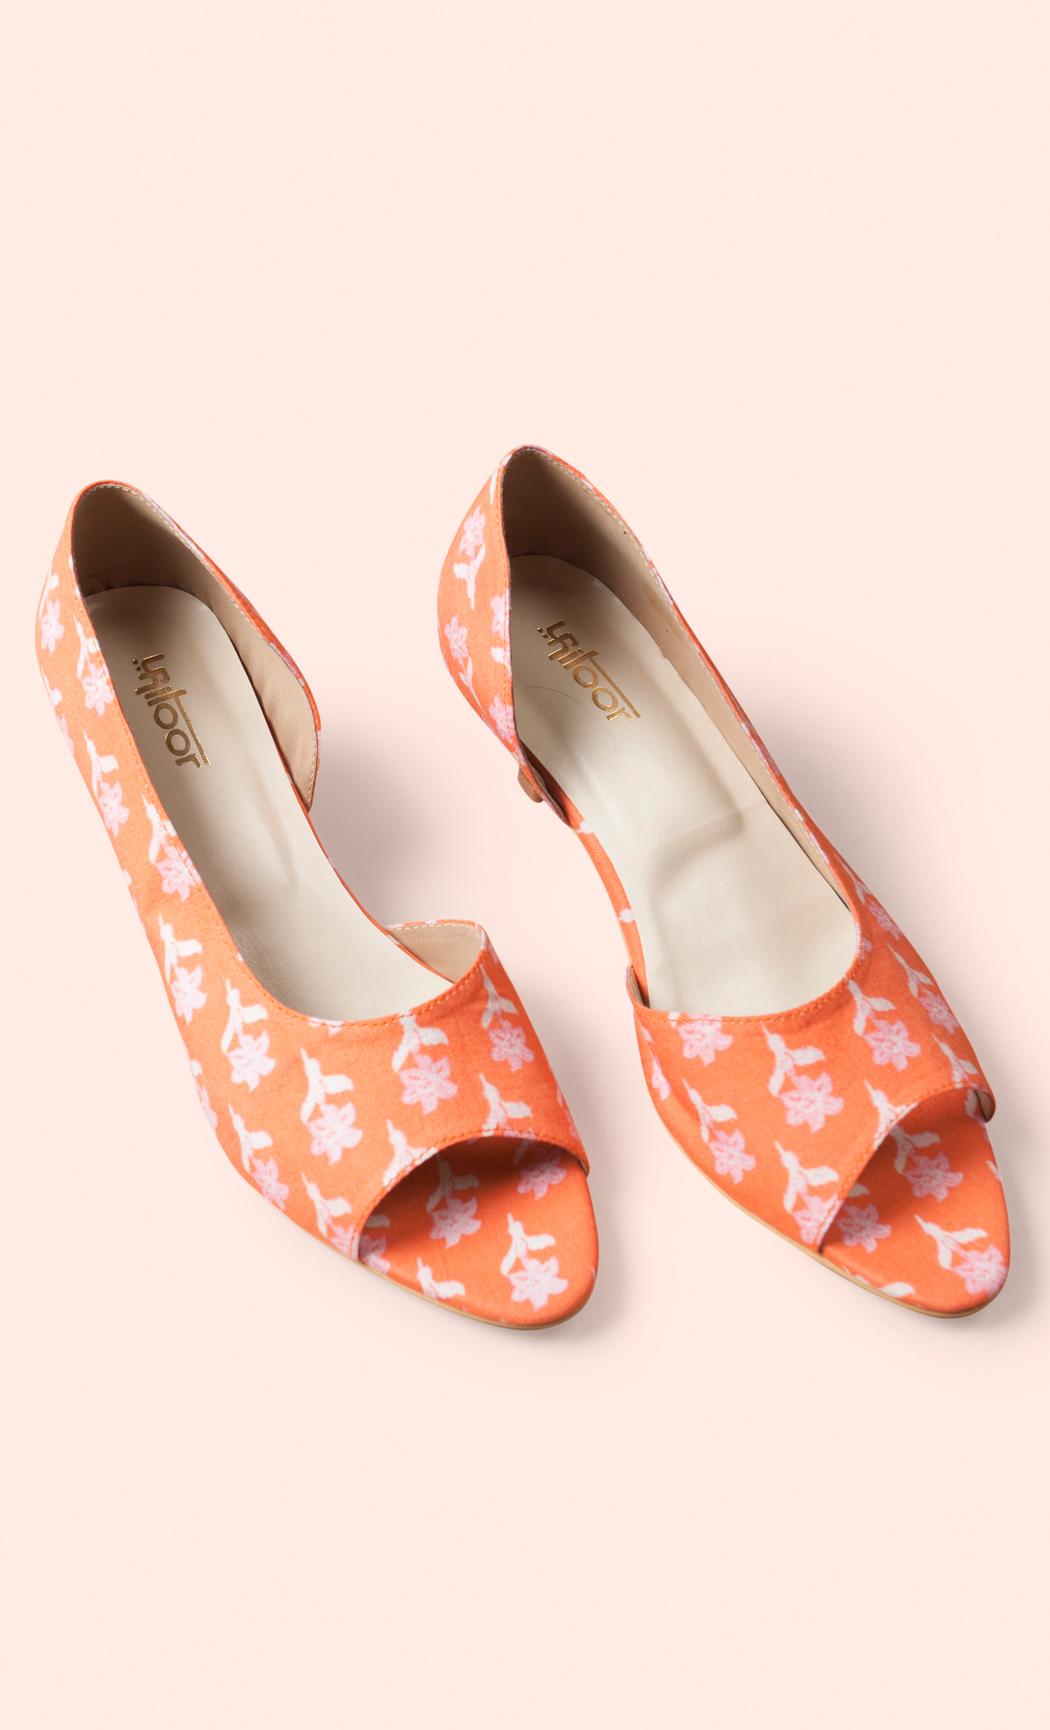 Peach Printed Sandals. Buy Online.